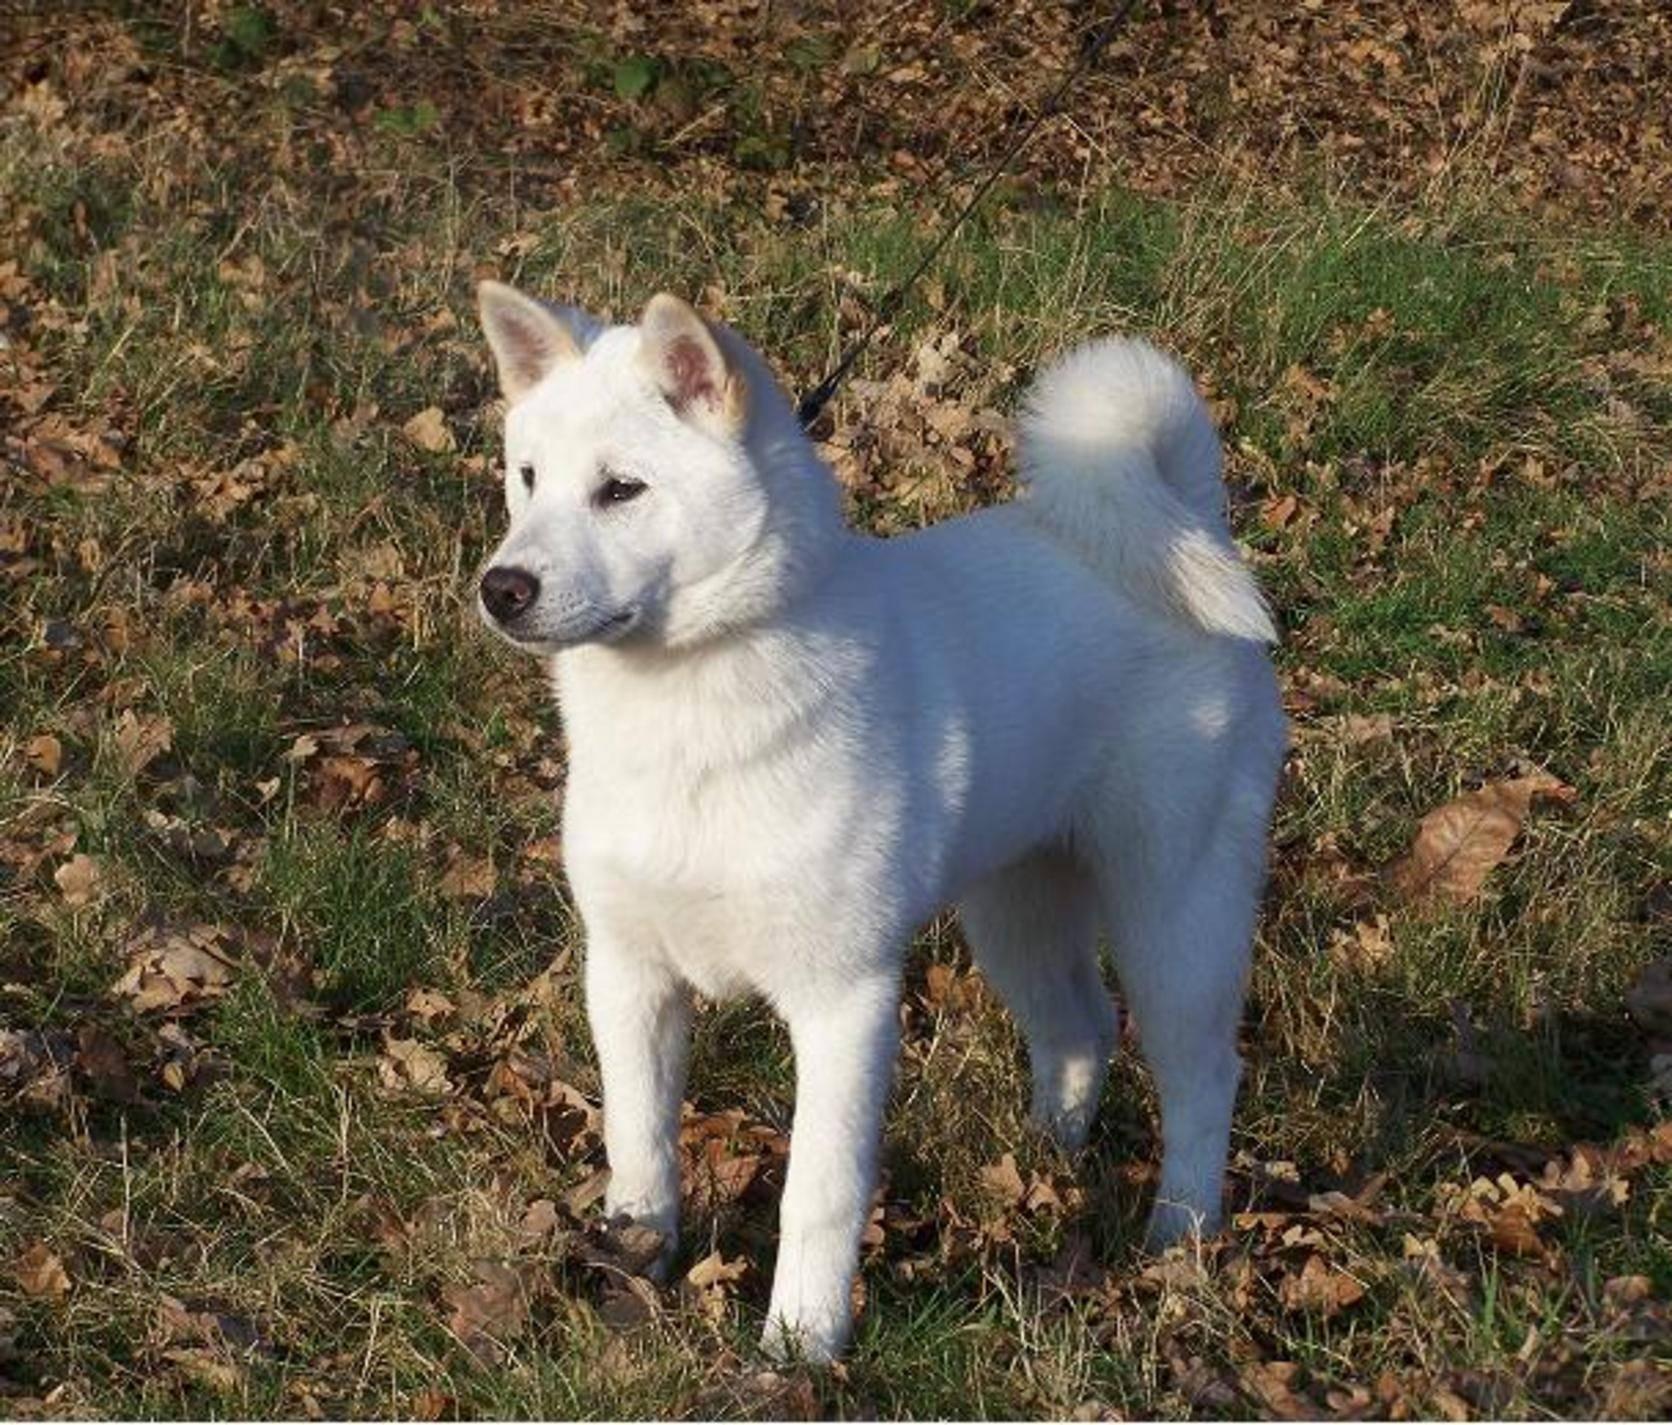 Всё о породе пхунсан - описание, характер собаки, характеристика, фото пхунсанов и видео